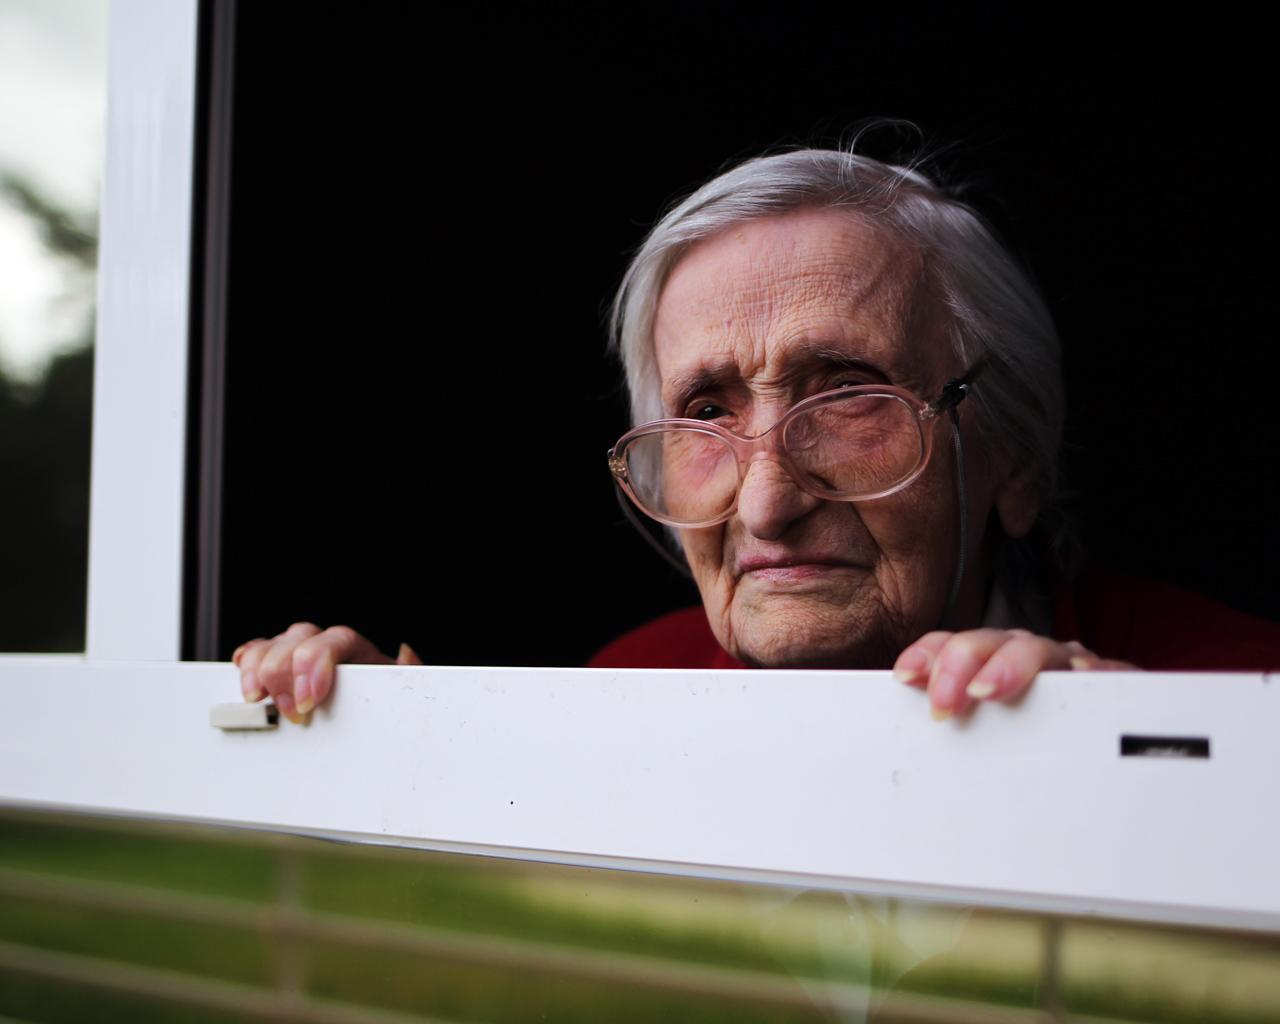 Margarita ha superado el coronavirus con 98 años. Vive en una residencia de ancianos a las afueras de Madrid. 16/04/2020.